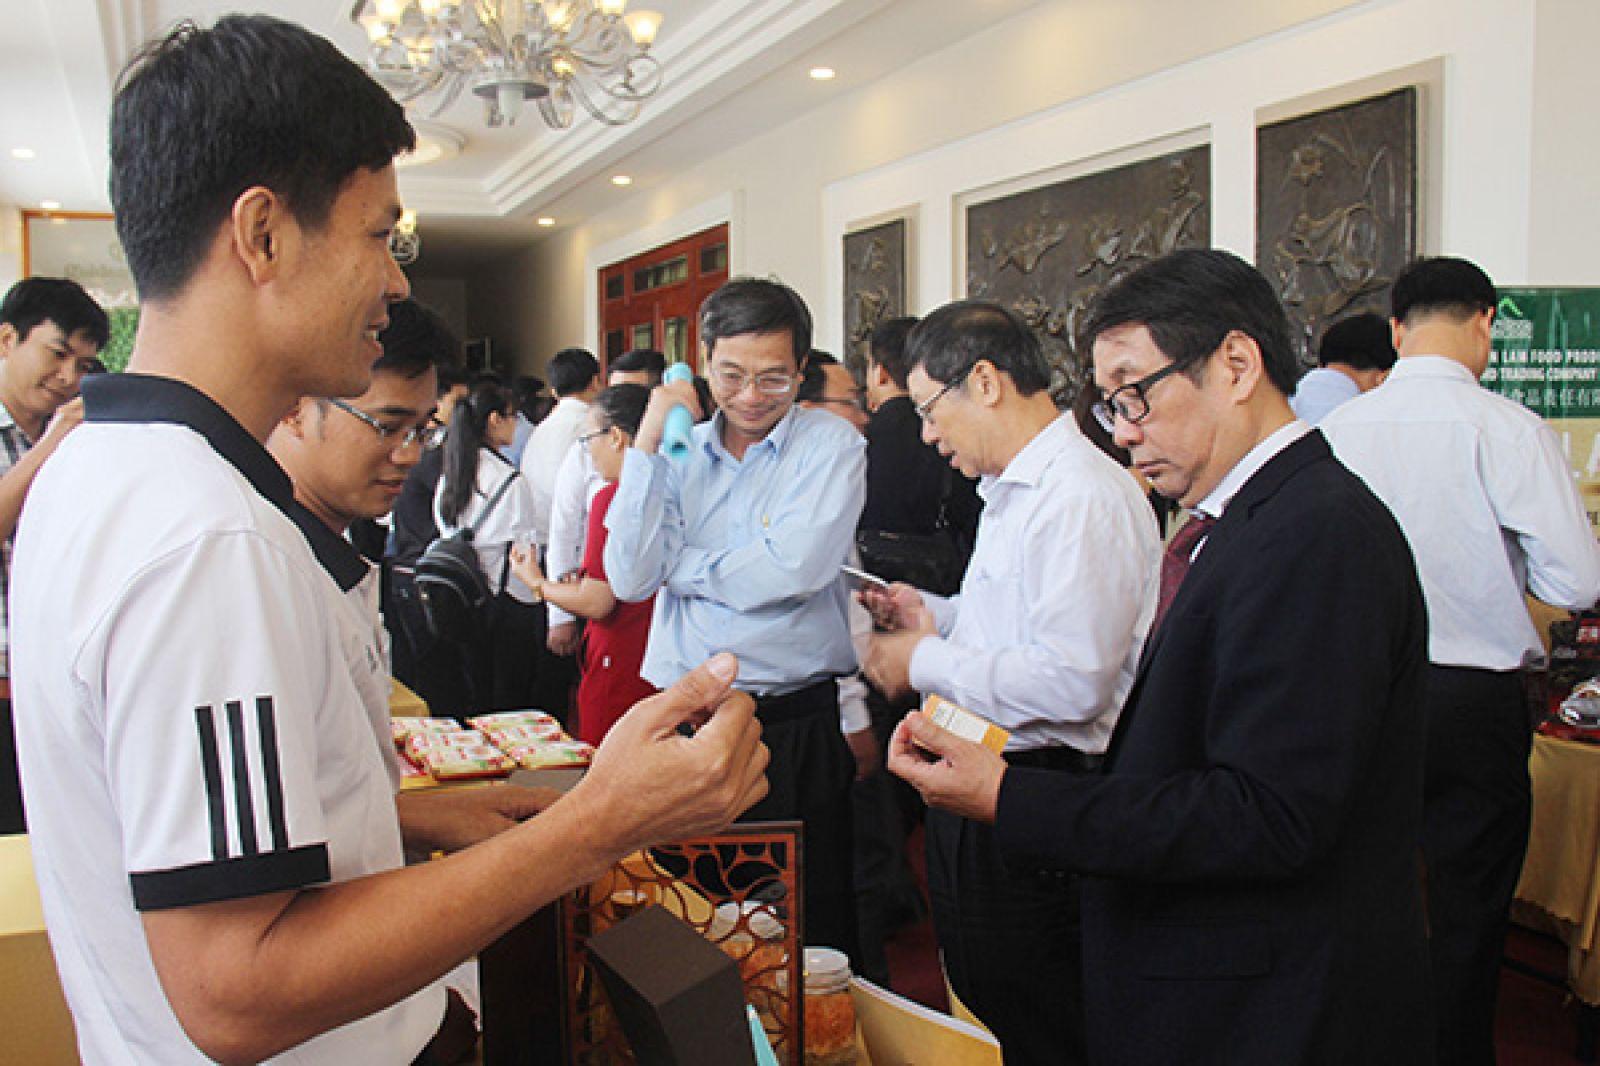 Phó cục trưởng Cục Công tác phía Nam - Bộ Khoa học công nghệ Lê Minh Khánh tham quan các gian trưng bày về khởi nghiệp tại hội nghị.